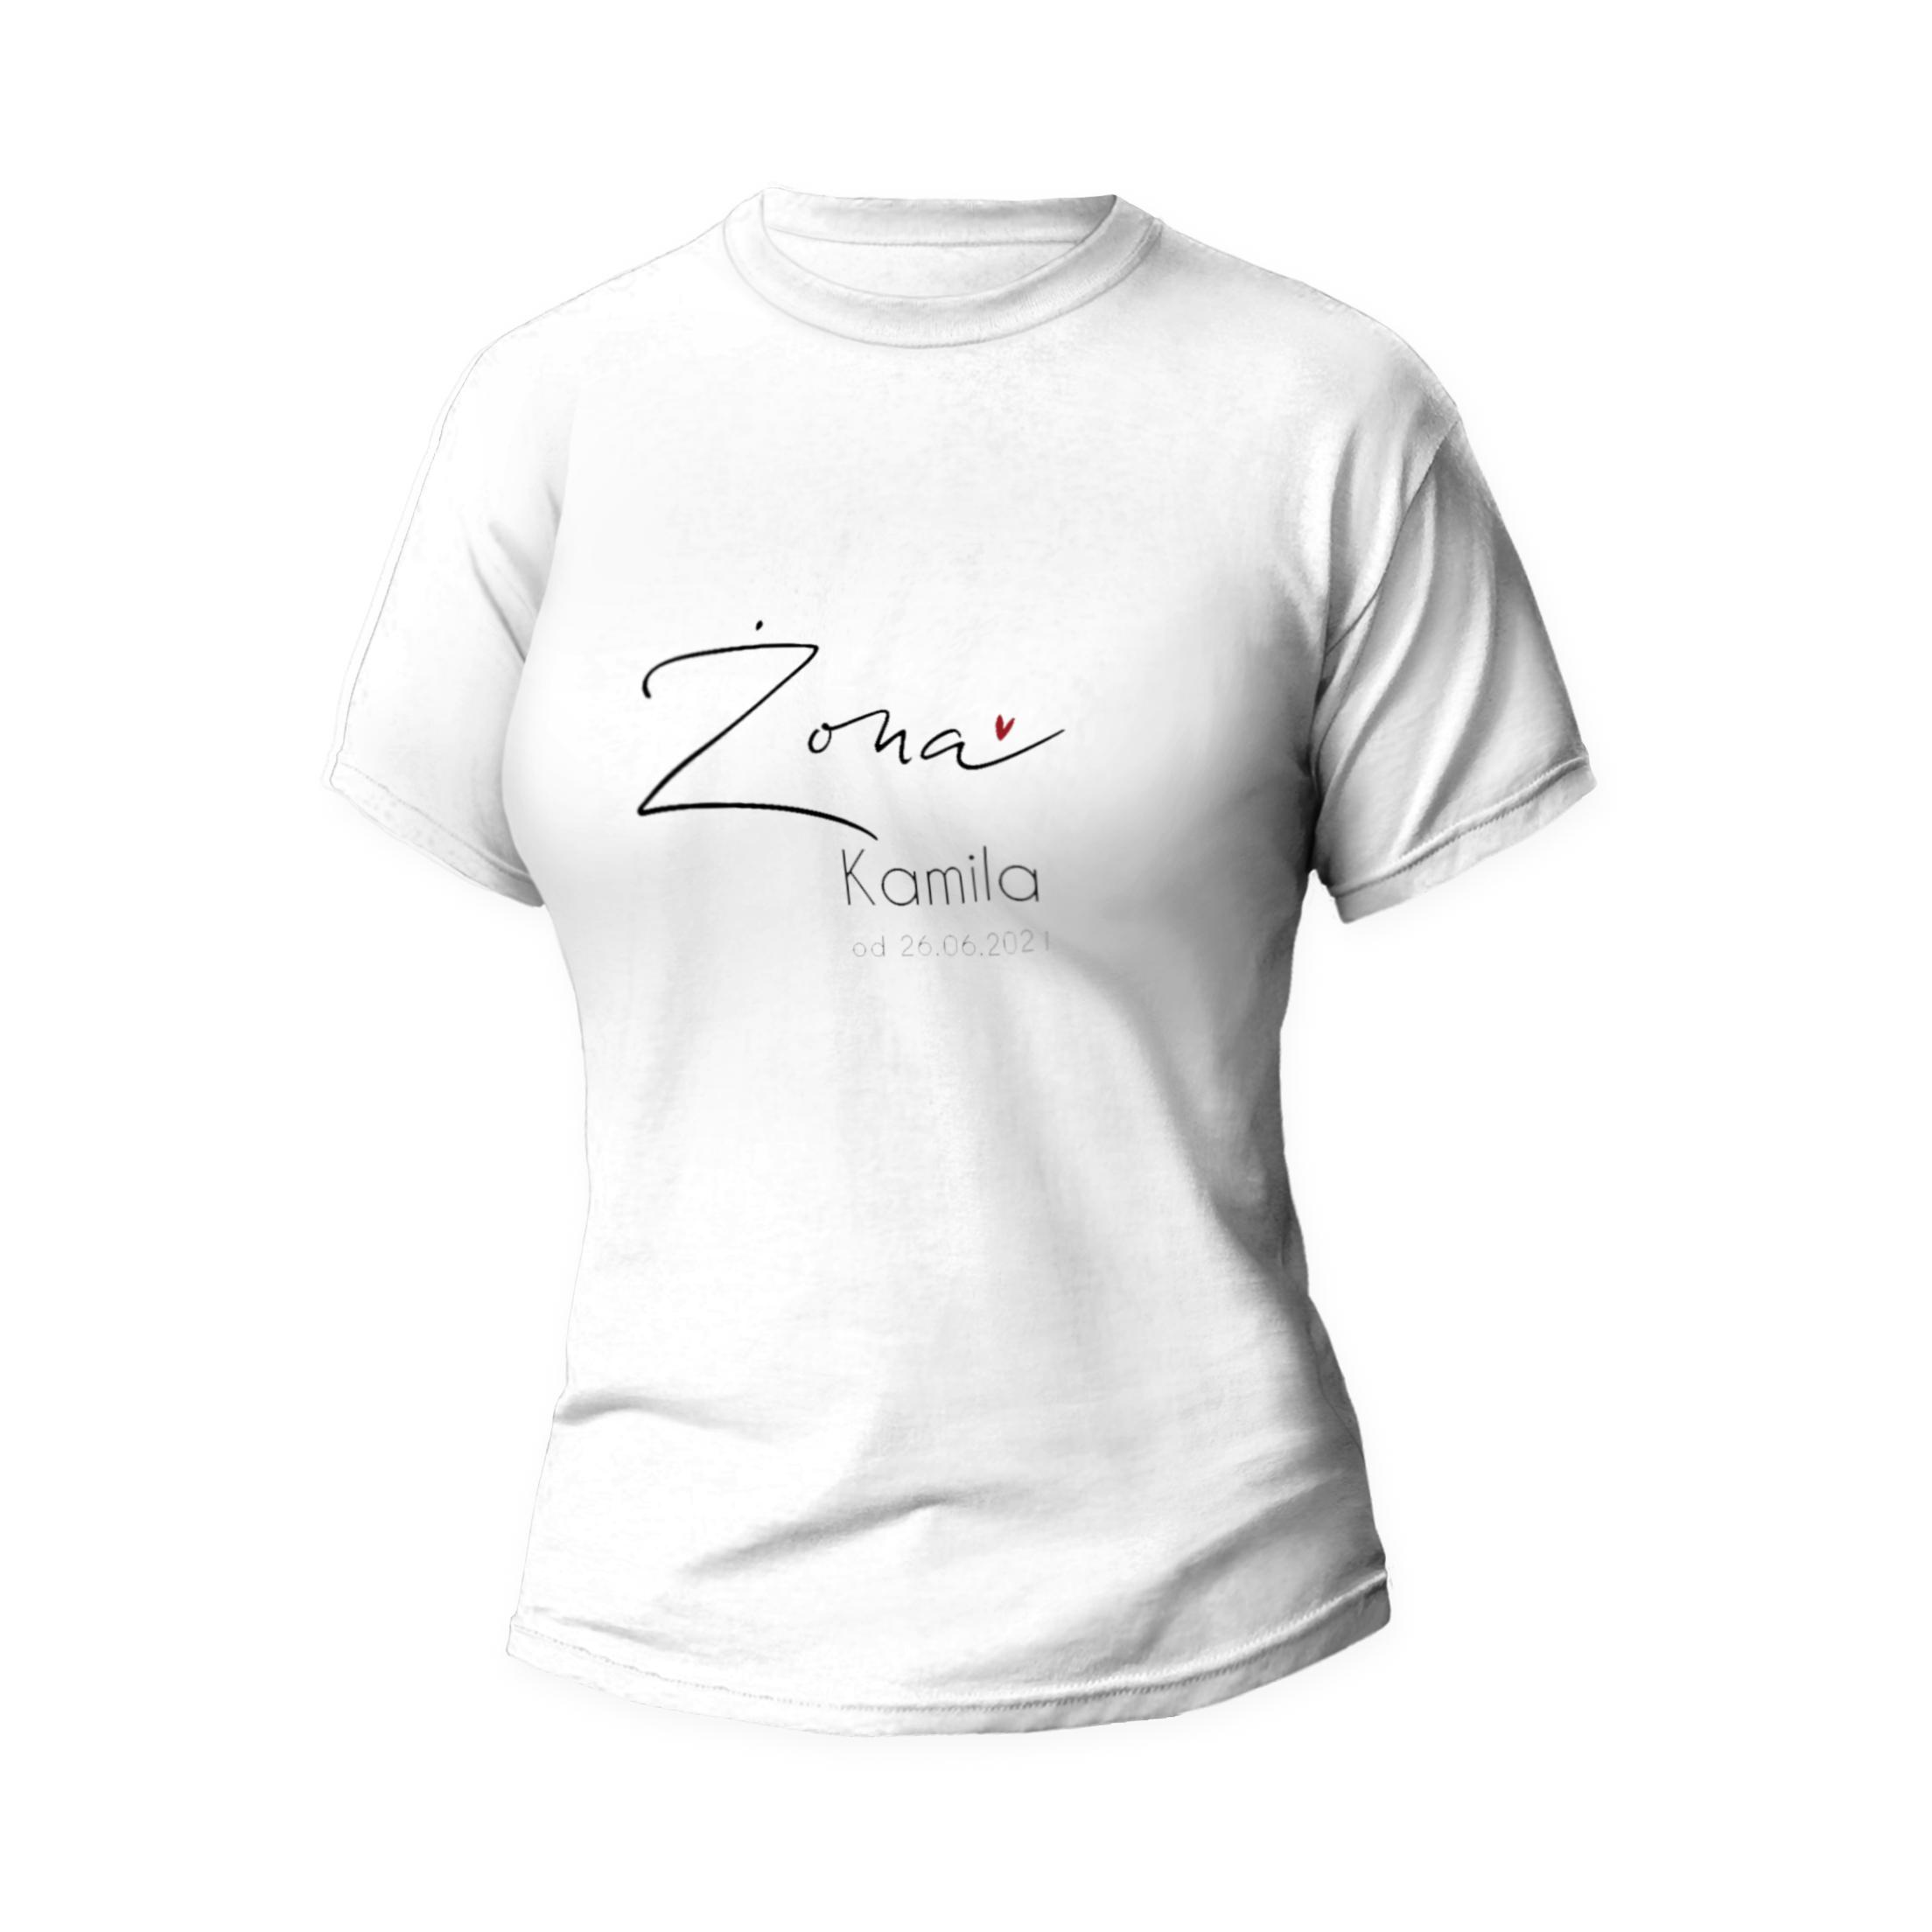 Rozmiar XL - koszulka damska z własnym nadrukiem dla żony - biała